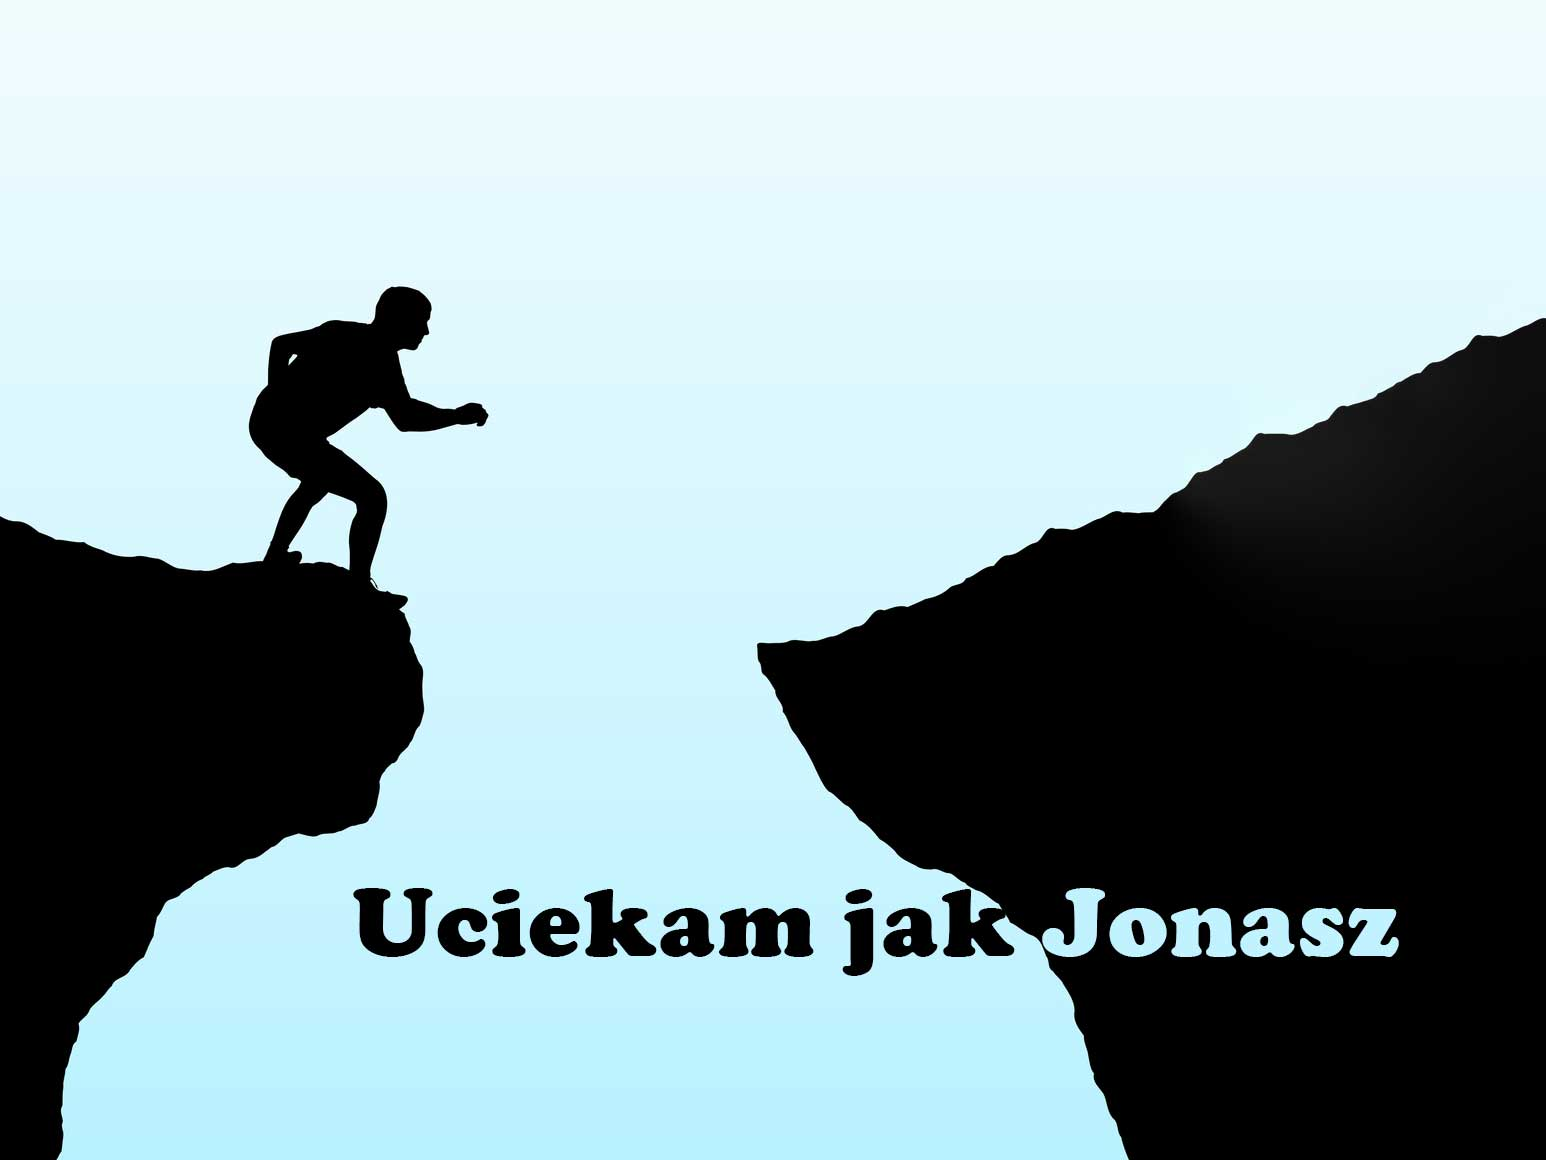 Uciekam jak Jonasz